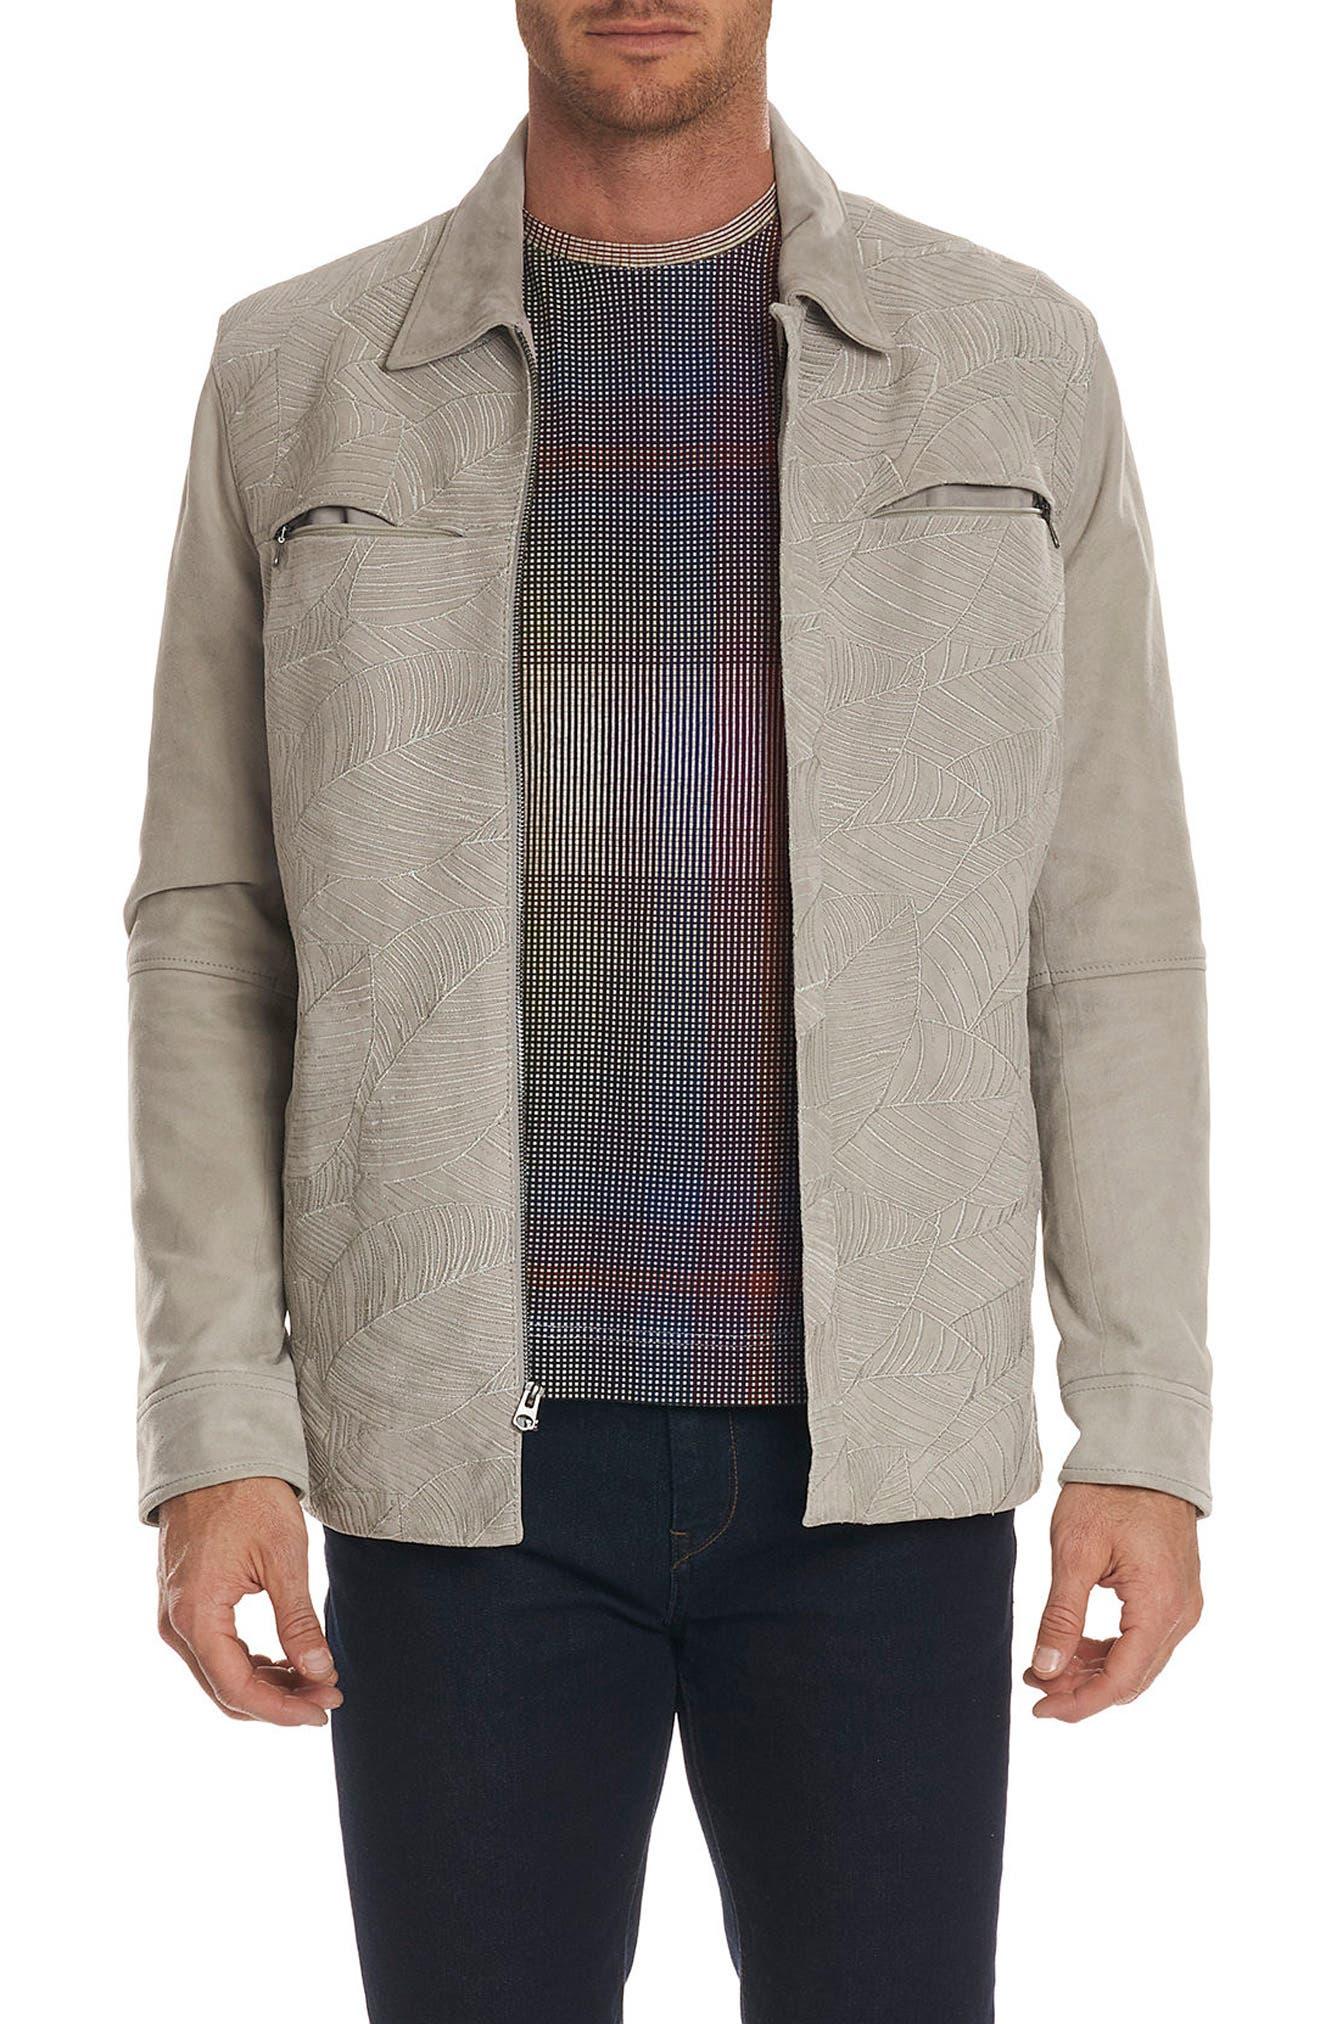 Miramar Suede Jacket,                         Main,                         color,